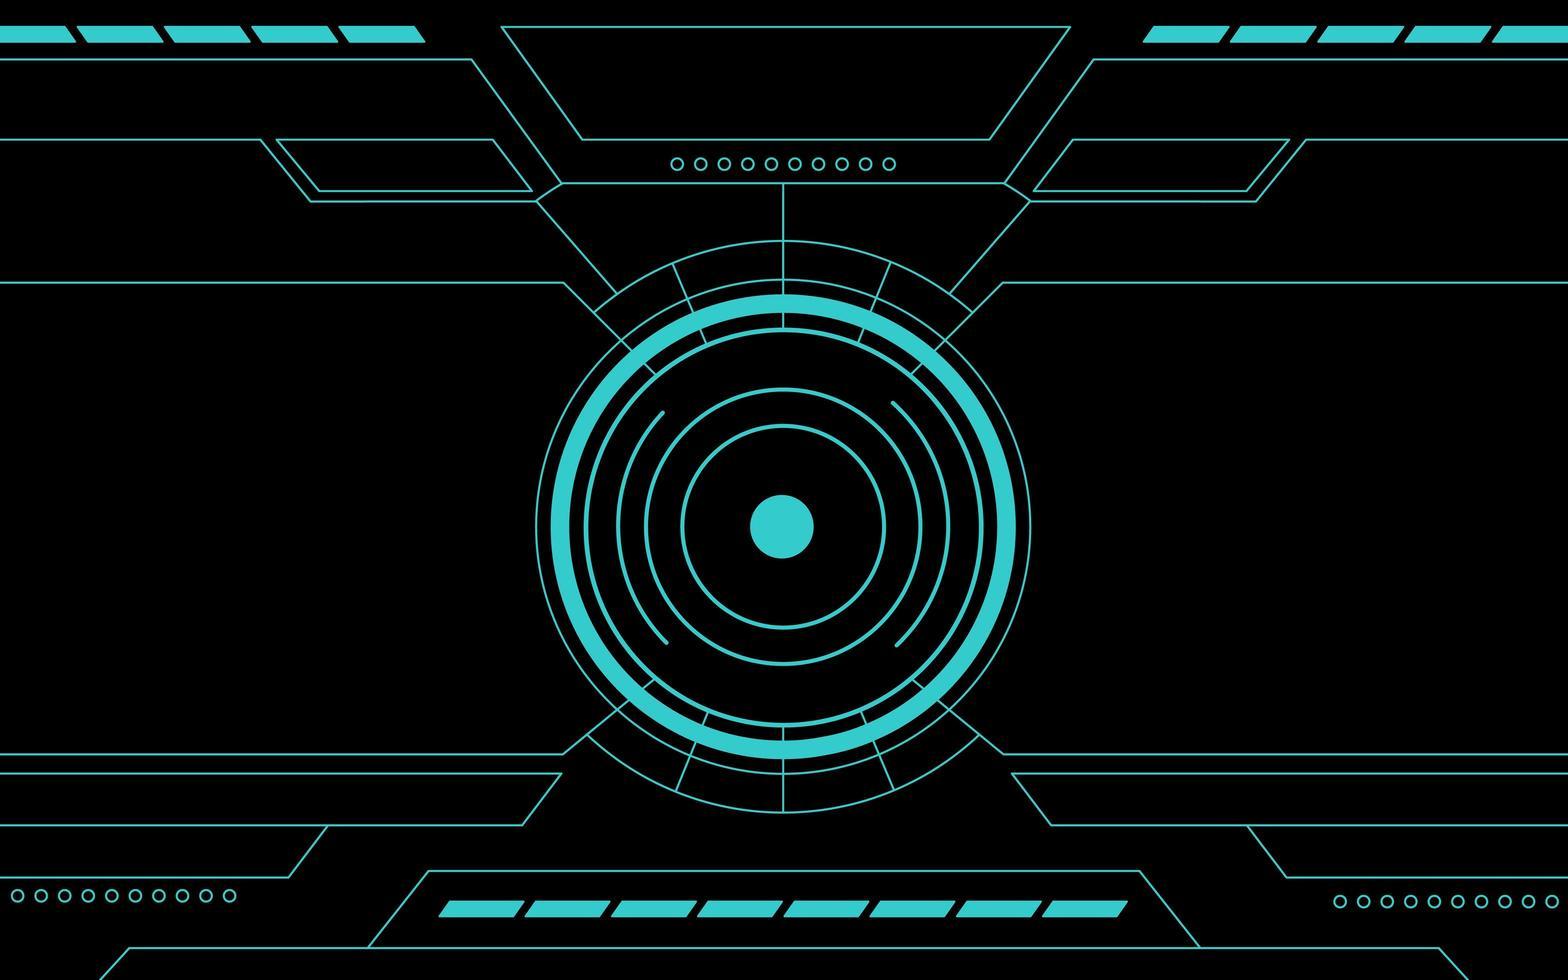 panneau de commande bleu interface de technologie abstraite hud vecteur